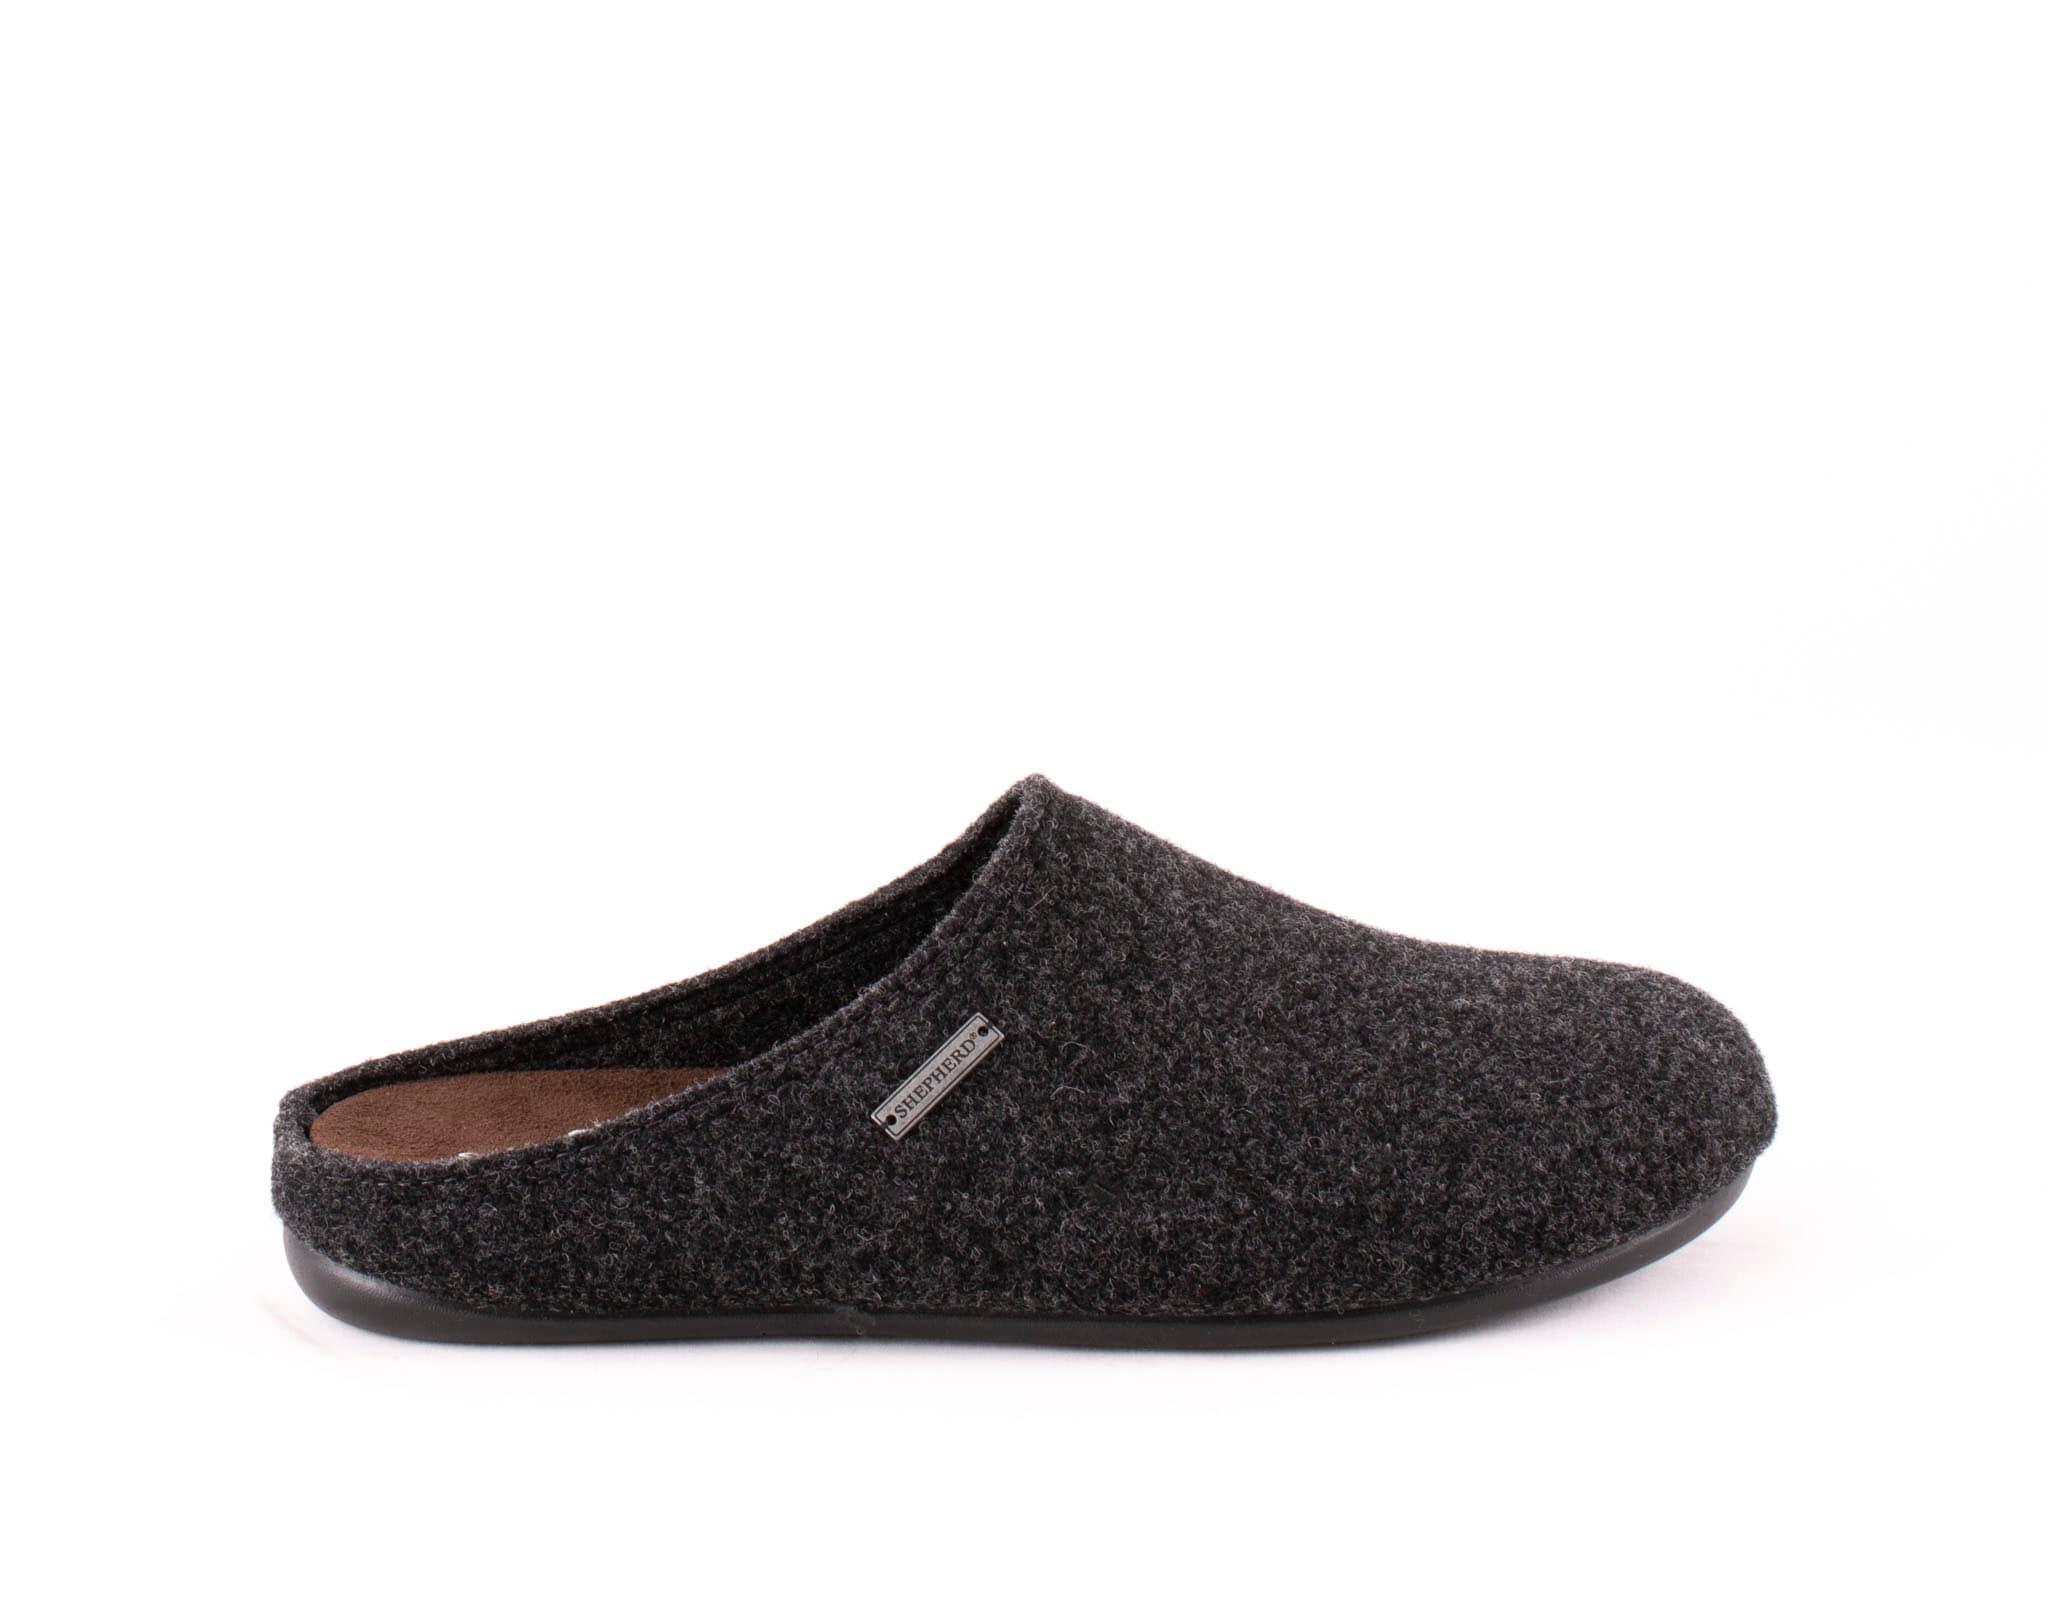 Shepherd Jon wool slippers